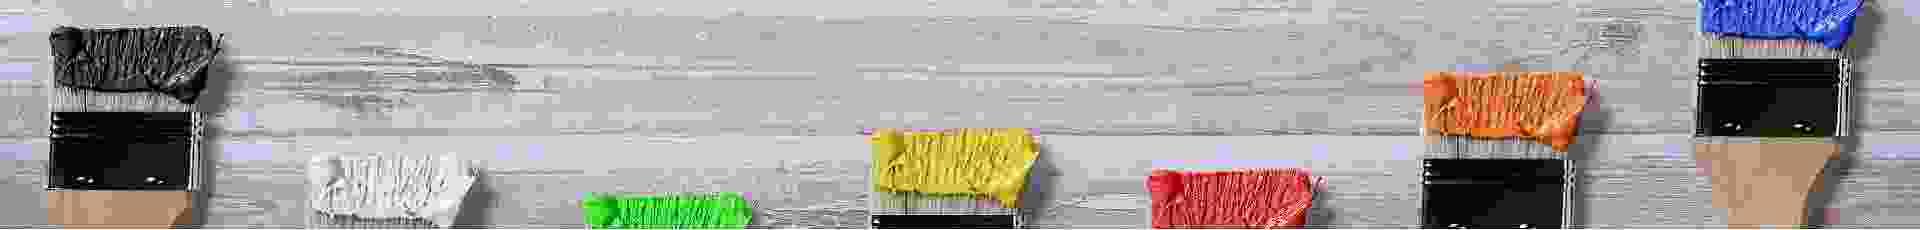 sample-1 (좌측)